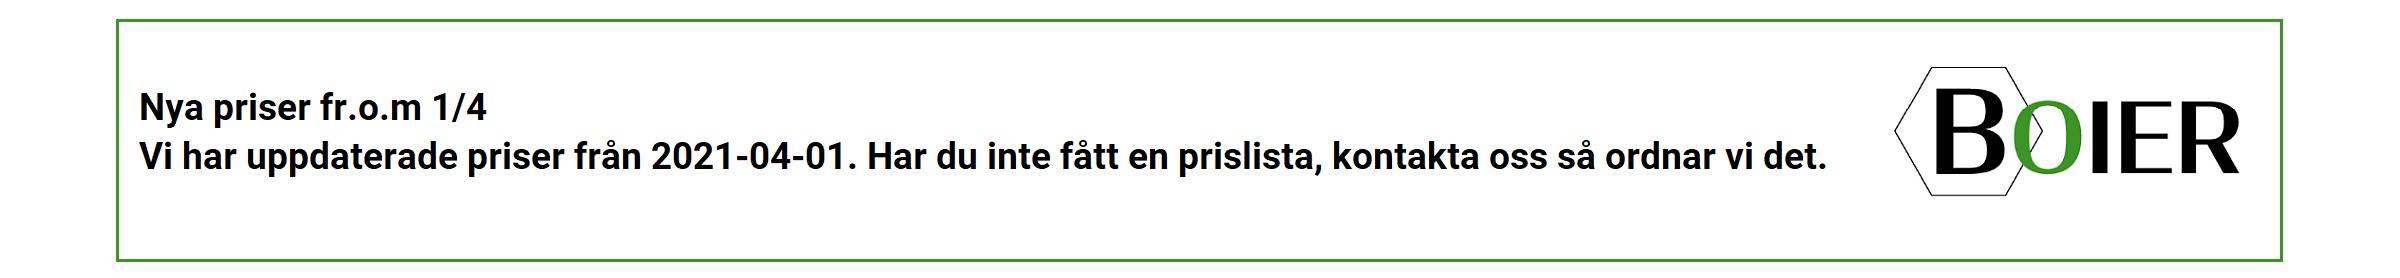 slider-image-https://boier.testavendre.se/image/7396/slider-priser_210401.png